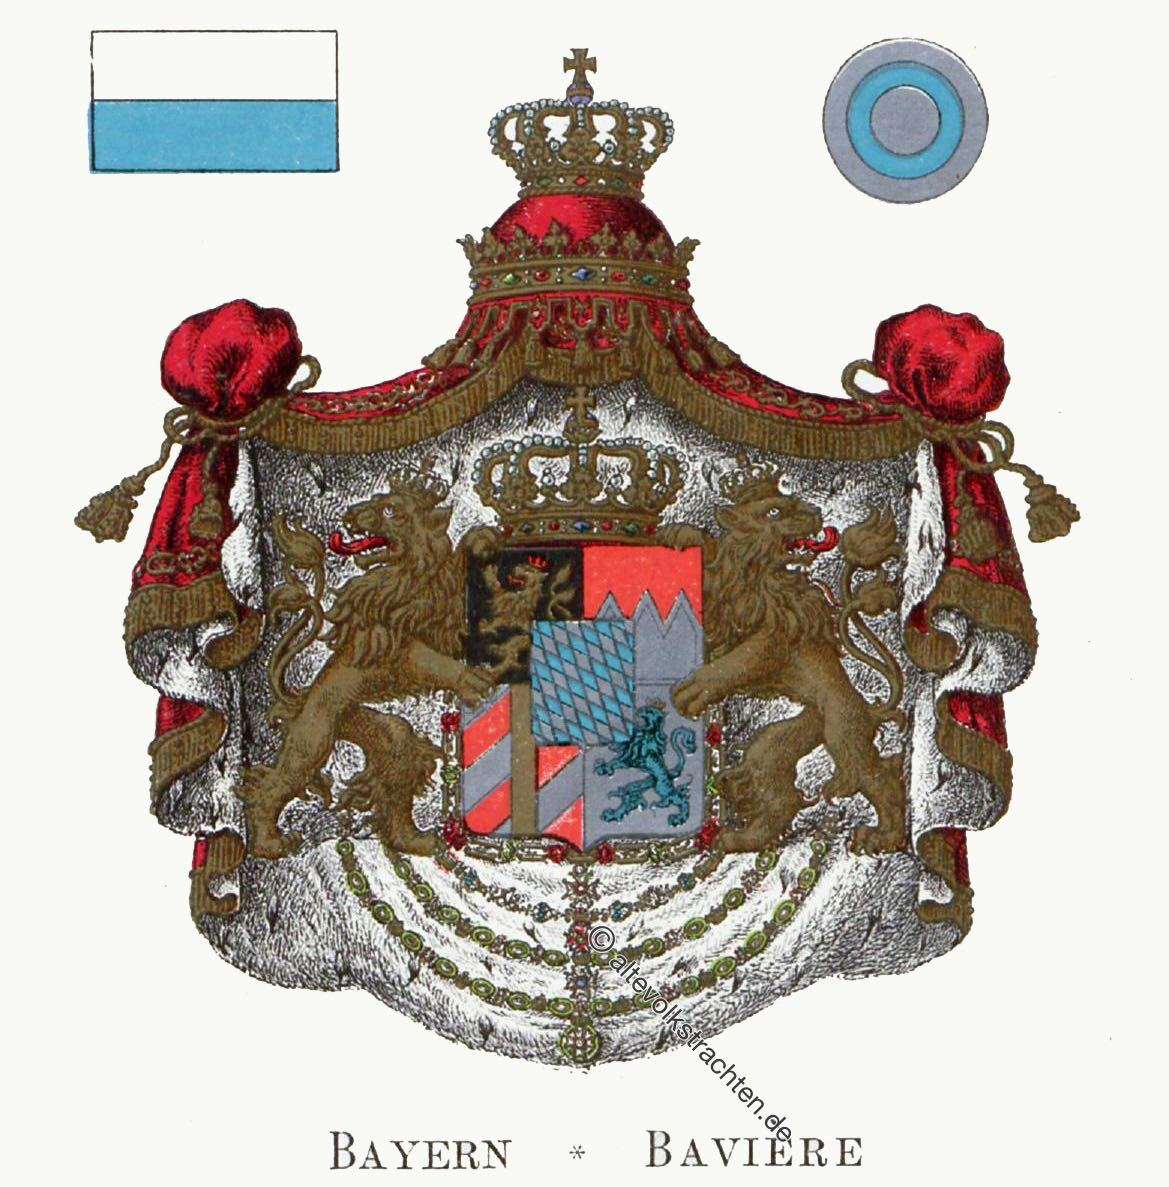 Bayern, Bavière, Staatswappen, Wappen, Heraldik, Deutschland, Landesflaggen, Cocarden, heraldry, héraldique, armoiries,